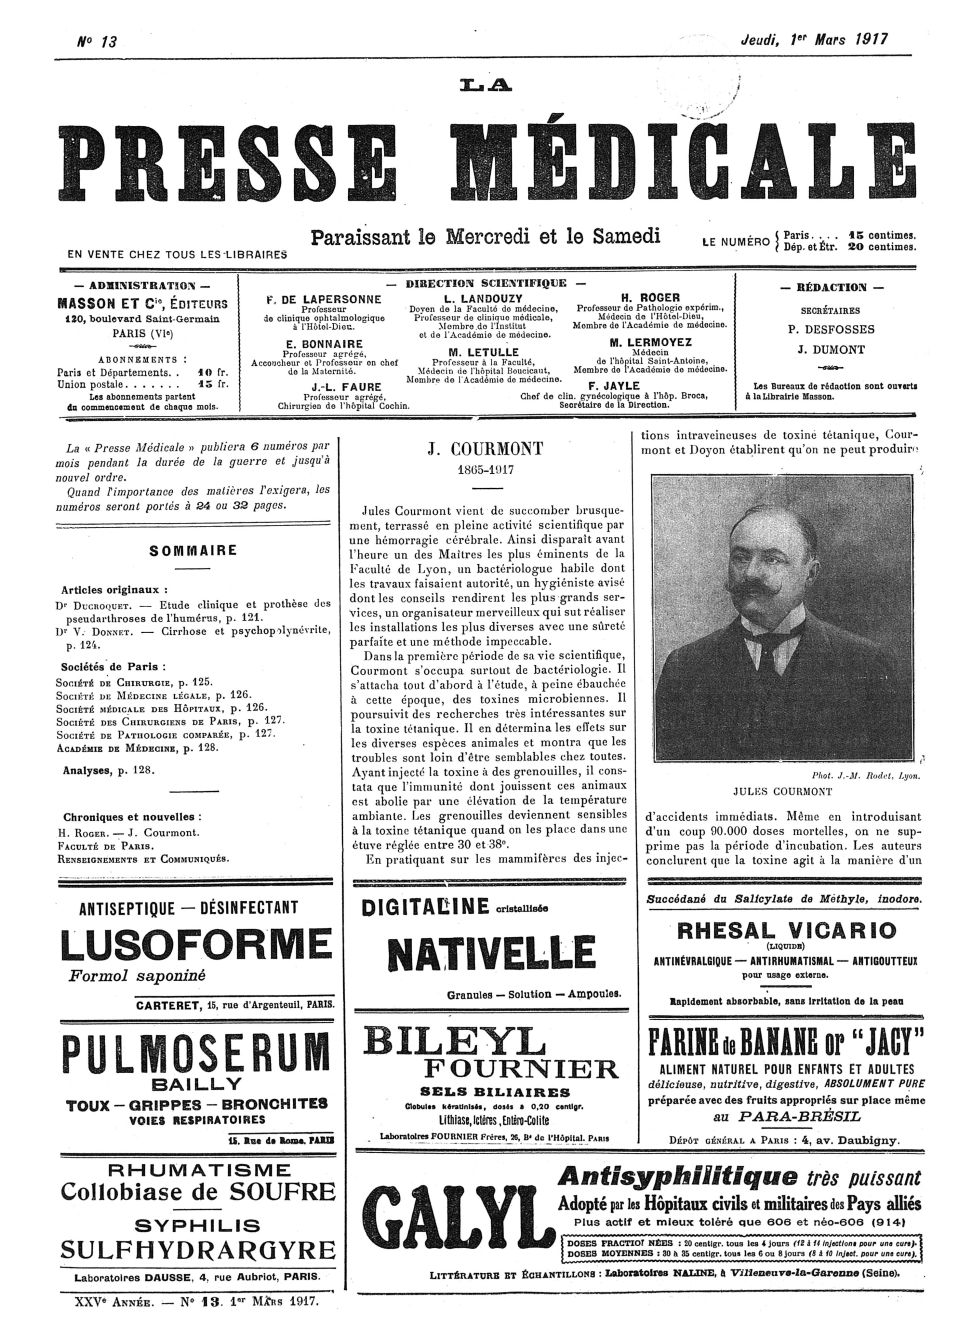 Jules Courmont - La Presse médicale - [Volume d'annexes] -  - med100000x1917xannexesx0129